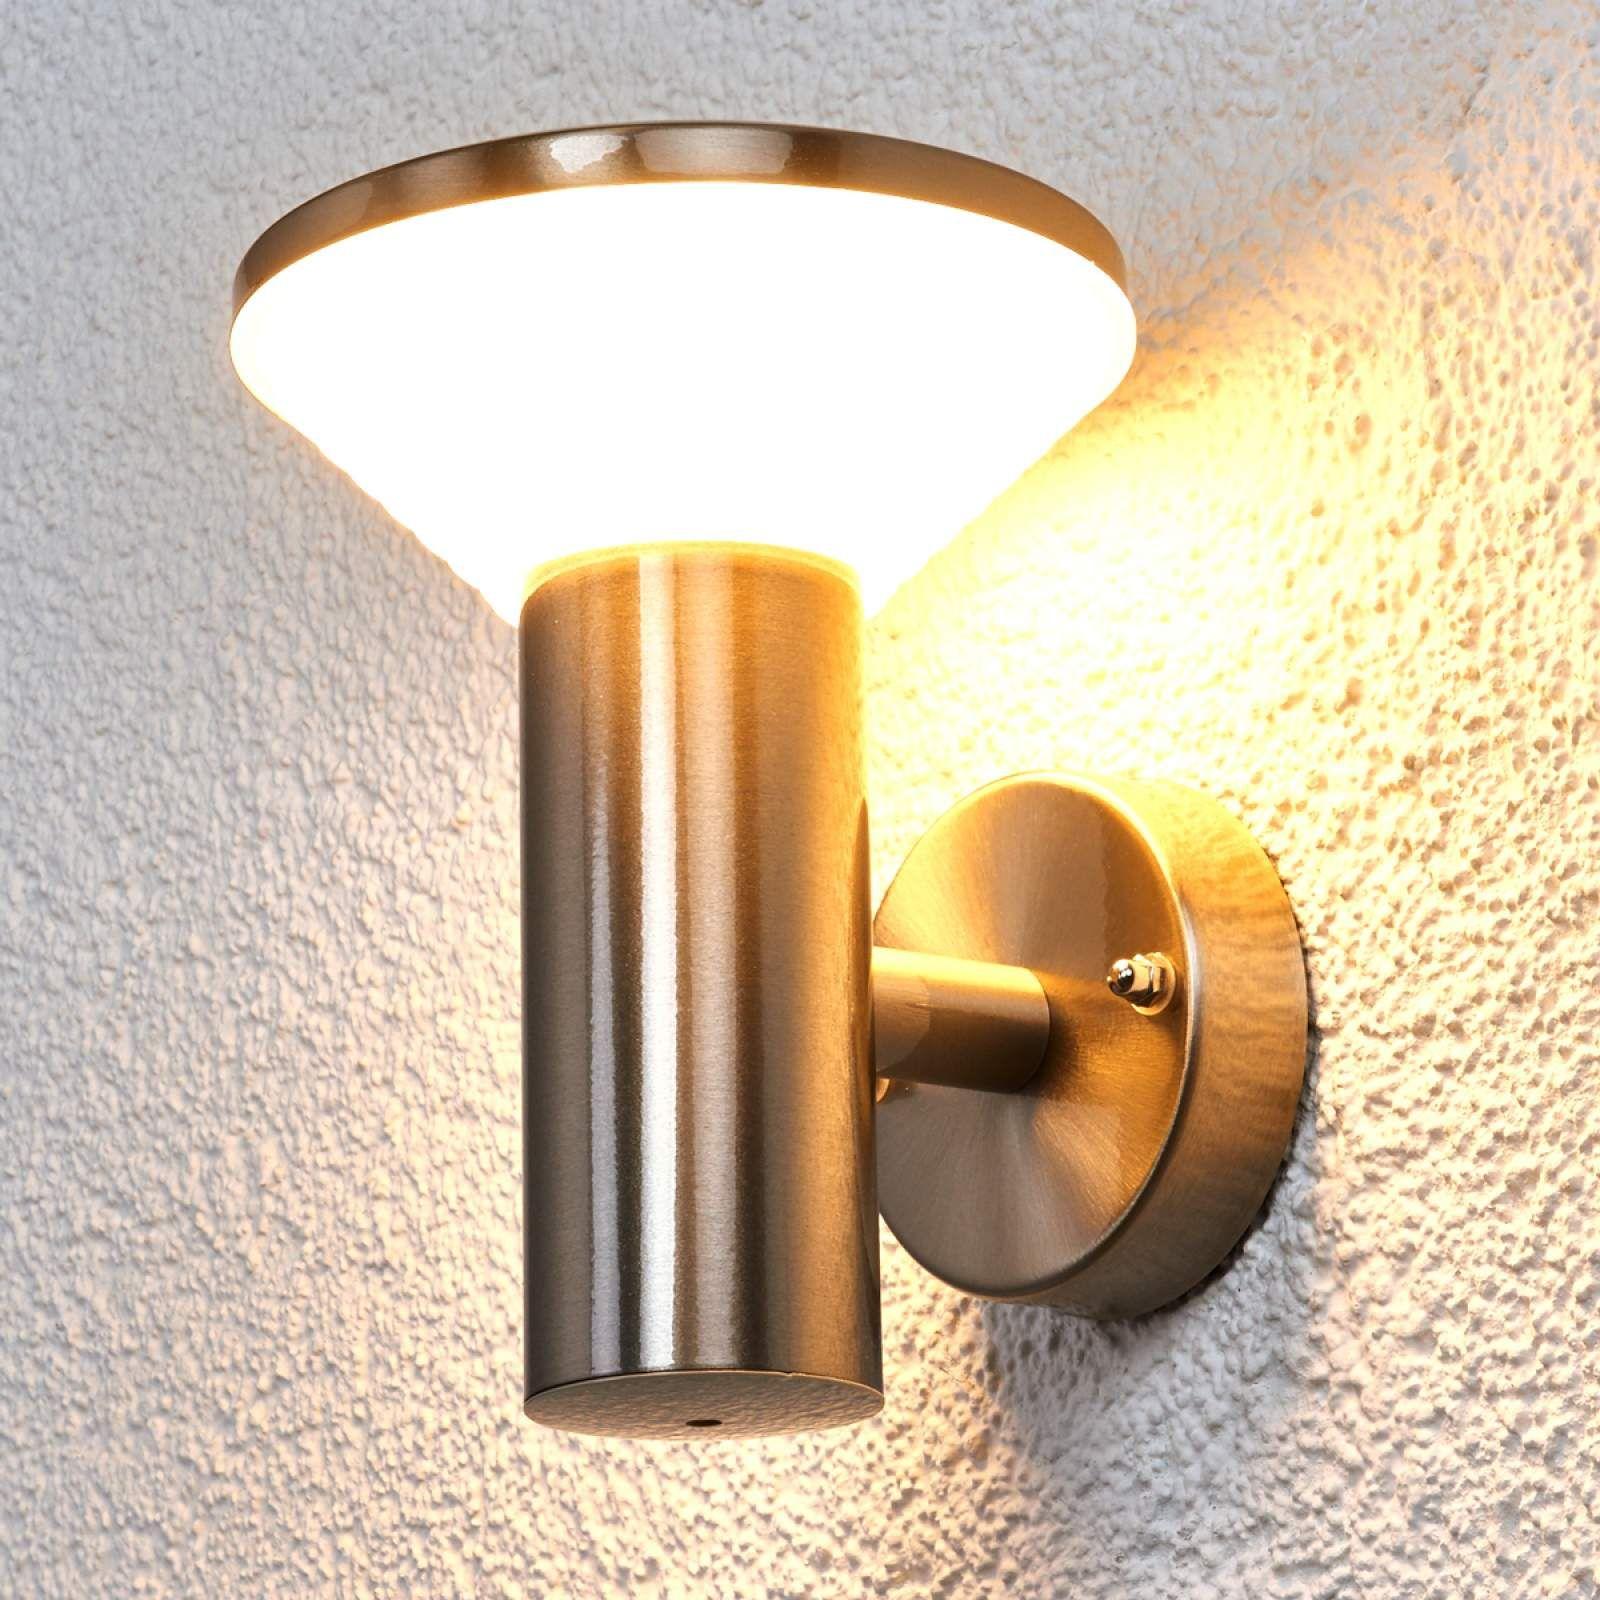 LED Außenwandleuchte Lillie Sensor Lampenwelt Außen Edelstahl Bewegungsmelder